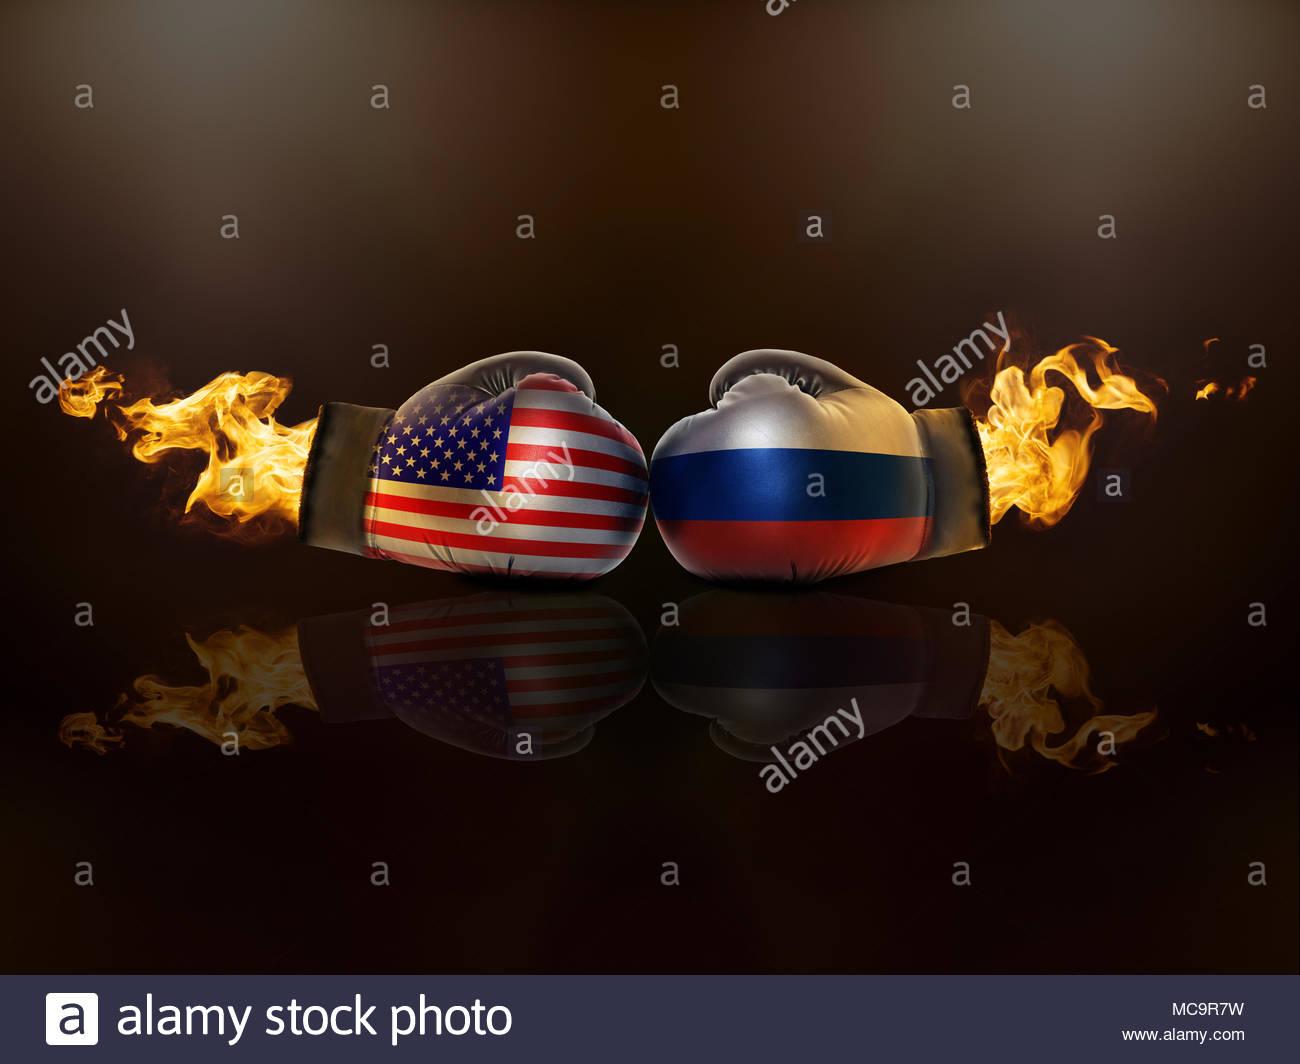 Krise zwischen den USA und Russland wird eine direkte Konfrontation werden Konzept Stockbild